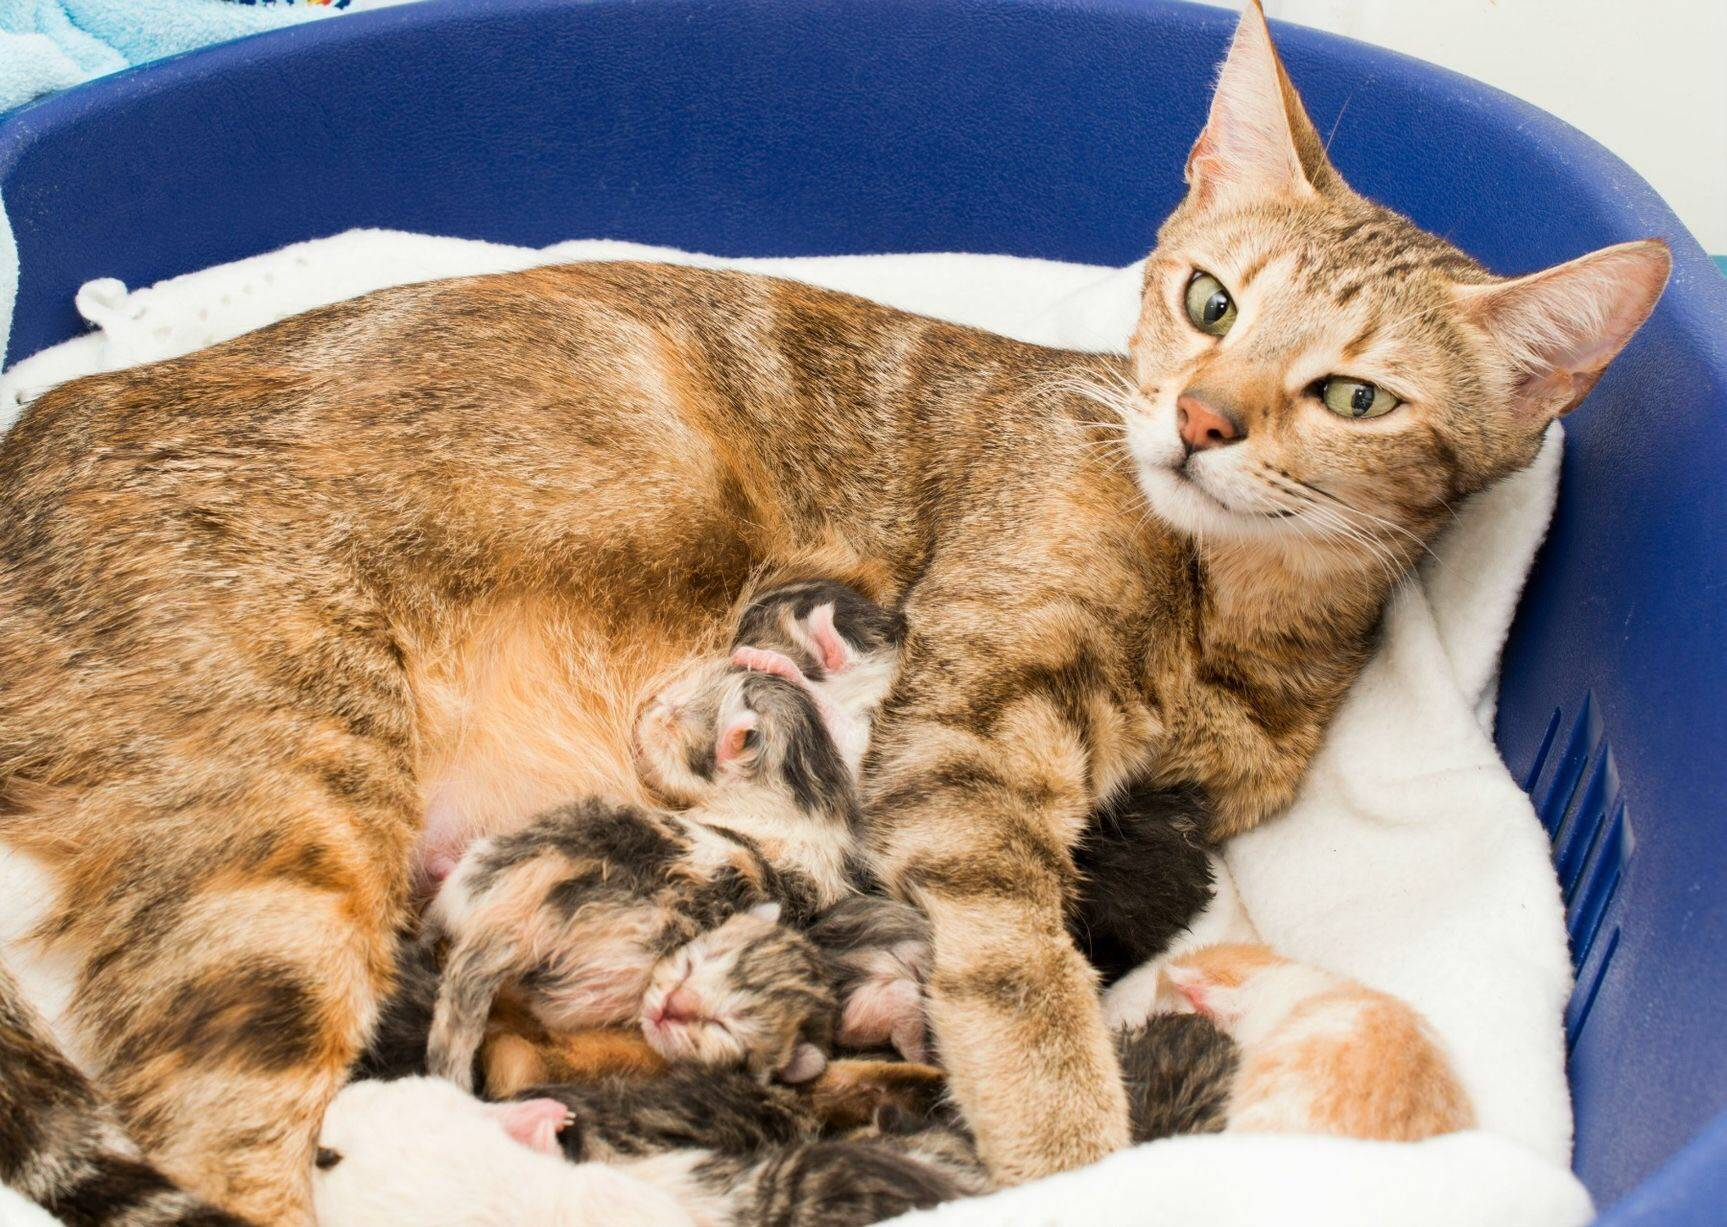 Поведение кошки во время течки: как проявляются симптомы кошачьей половой охоты